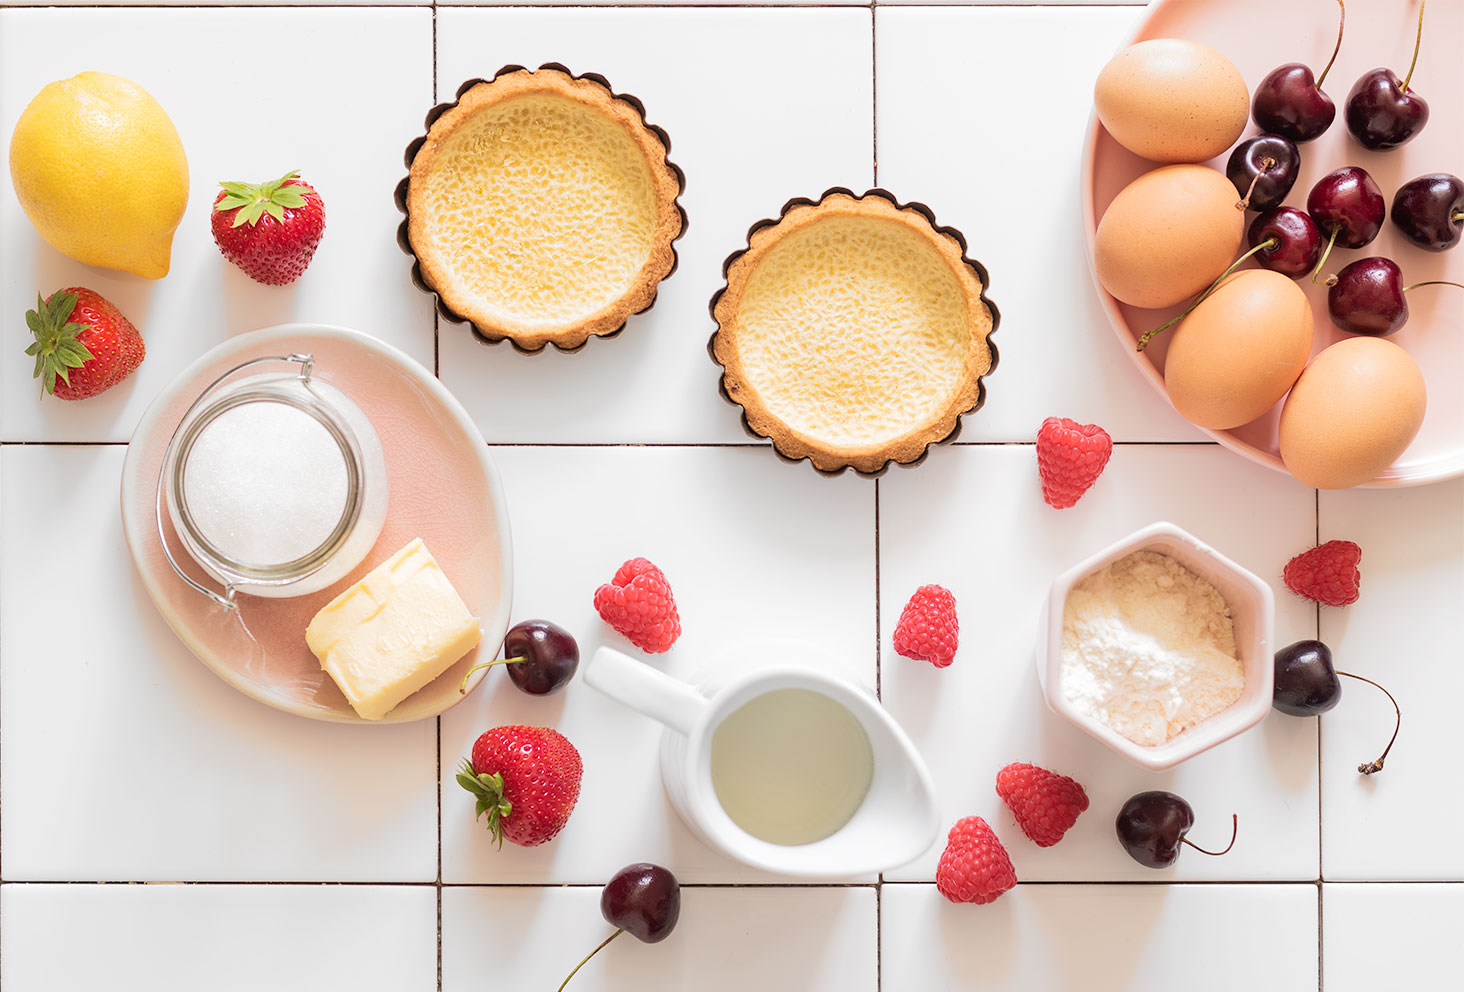 Ingrédients pour la recette facile de tartelettes aux fruits rouges